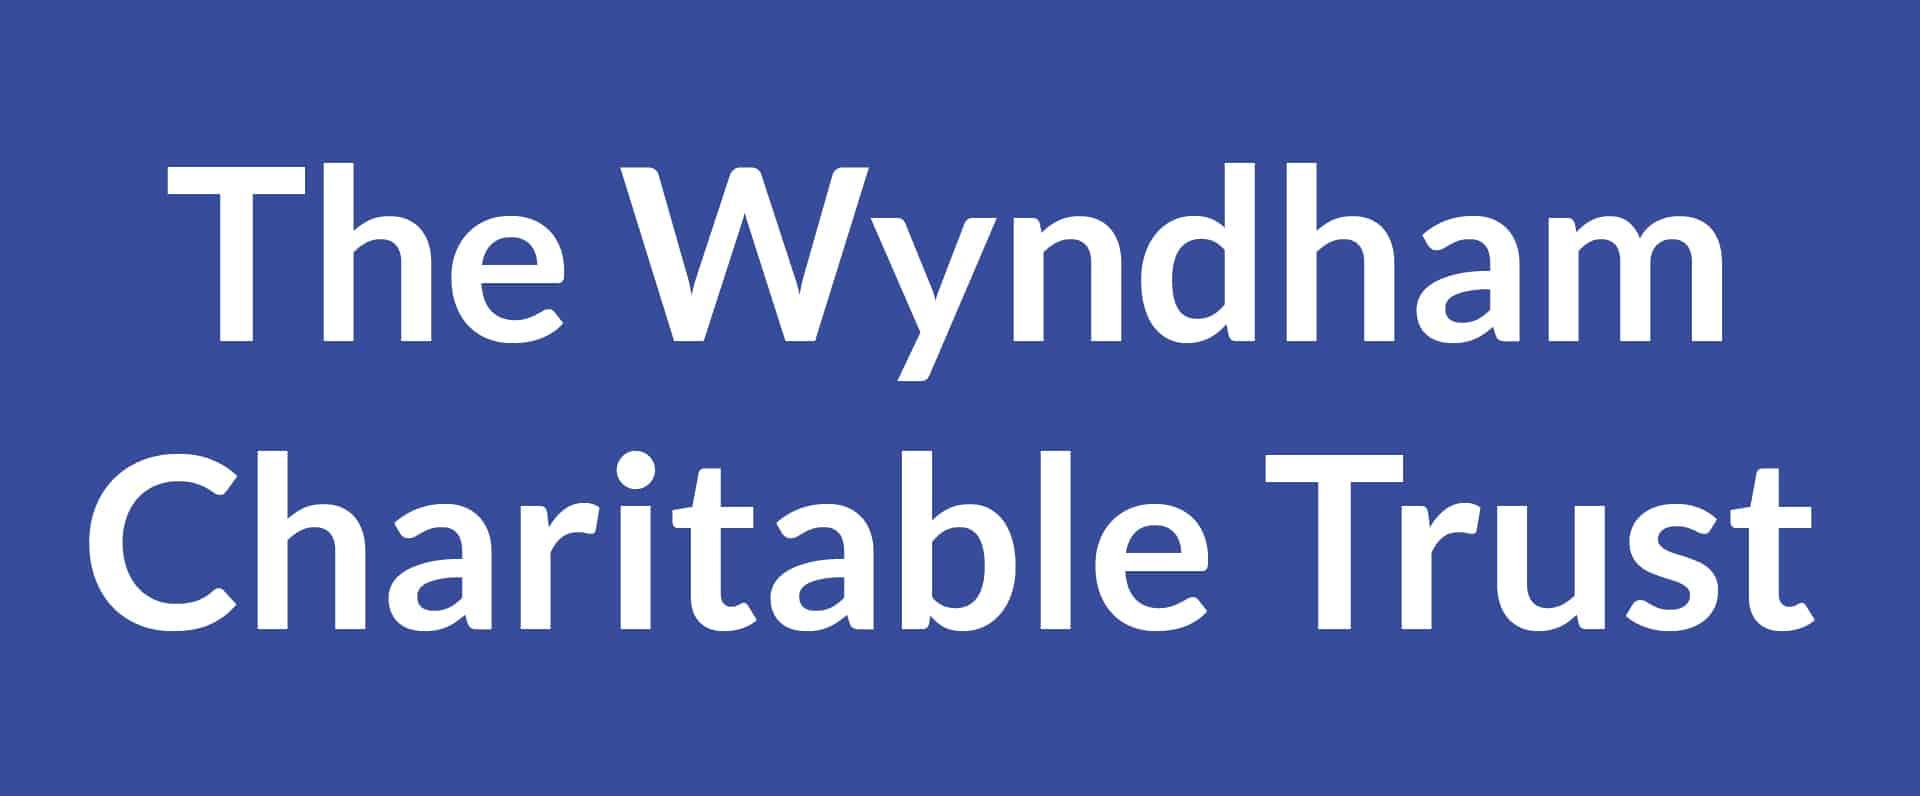 Wyndham Charitable Trust